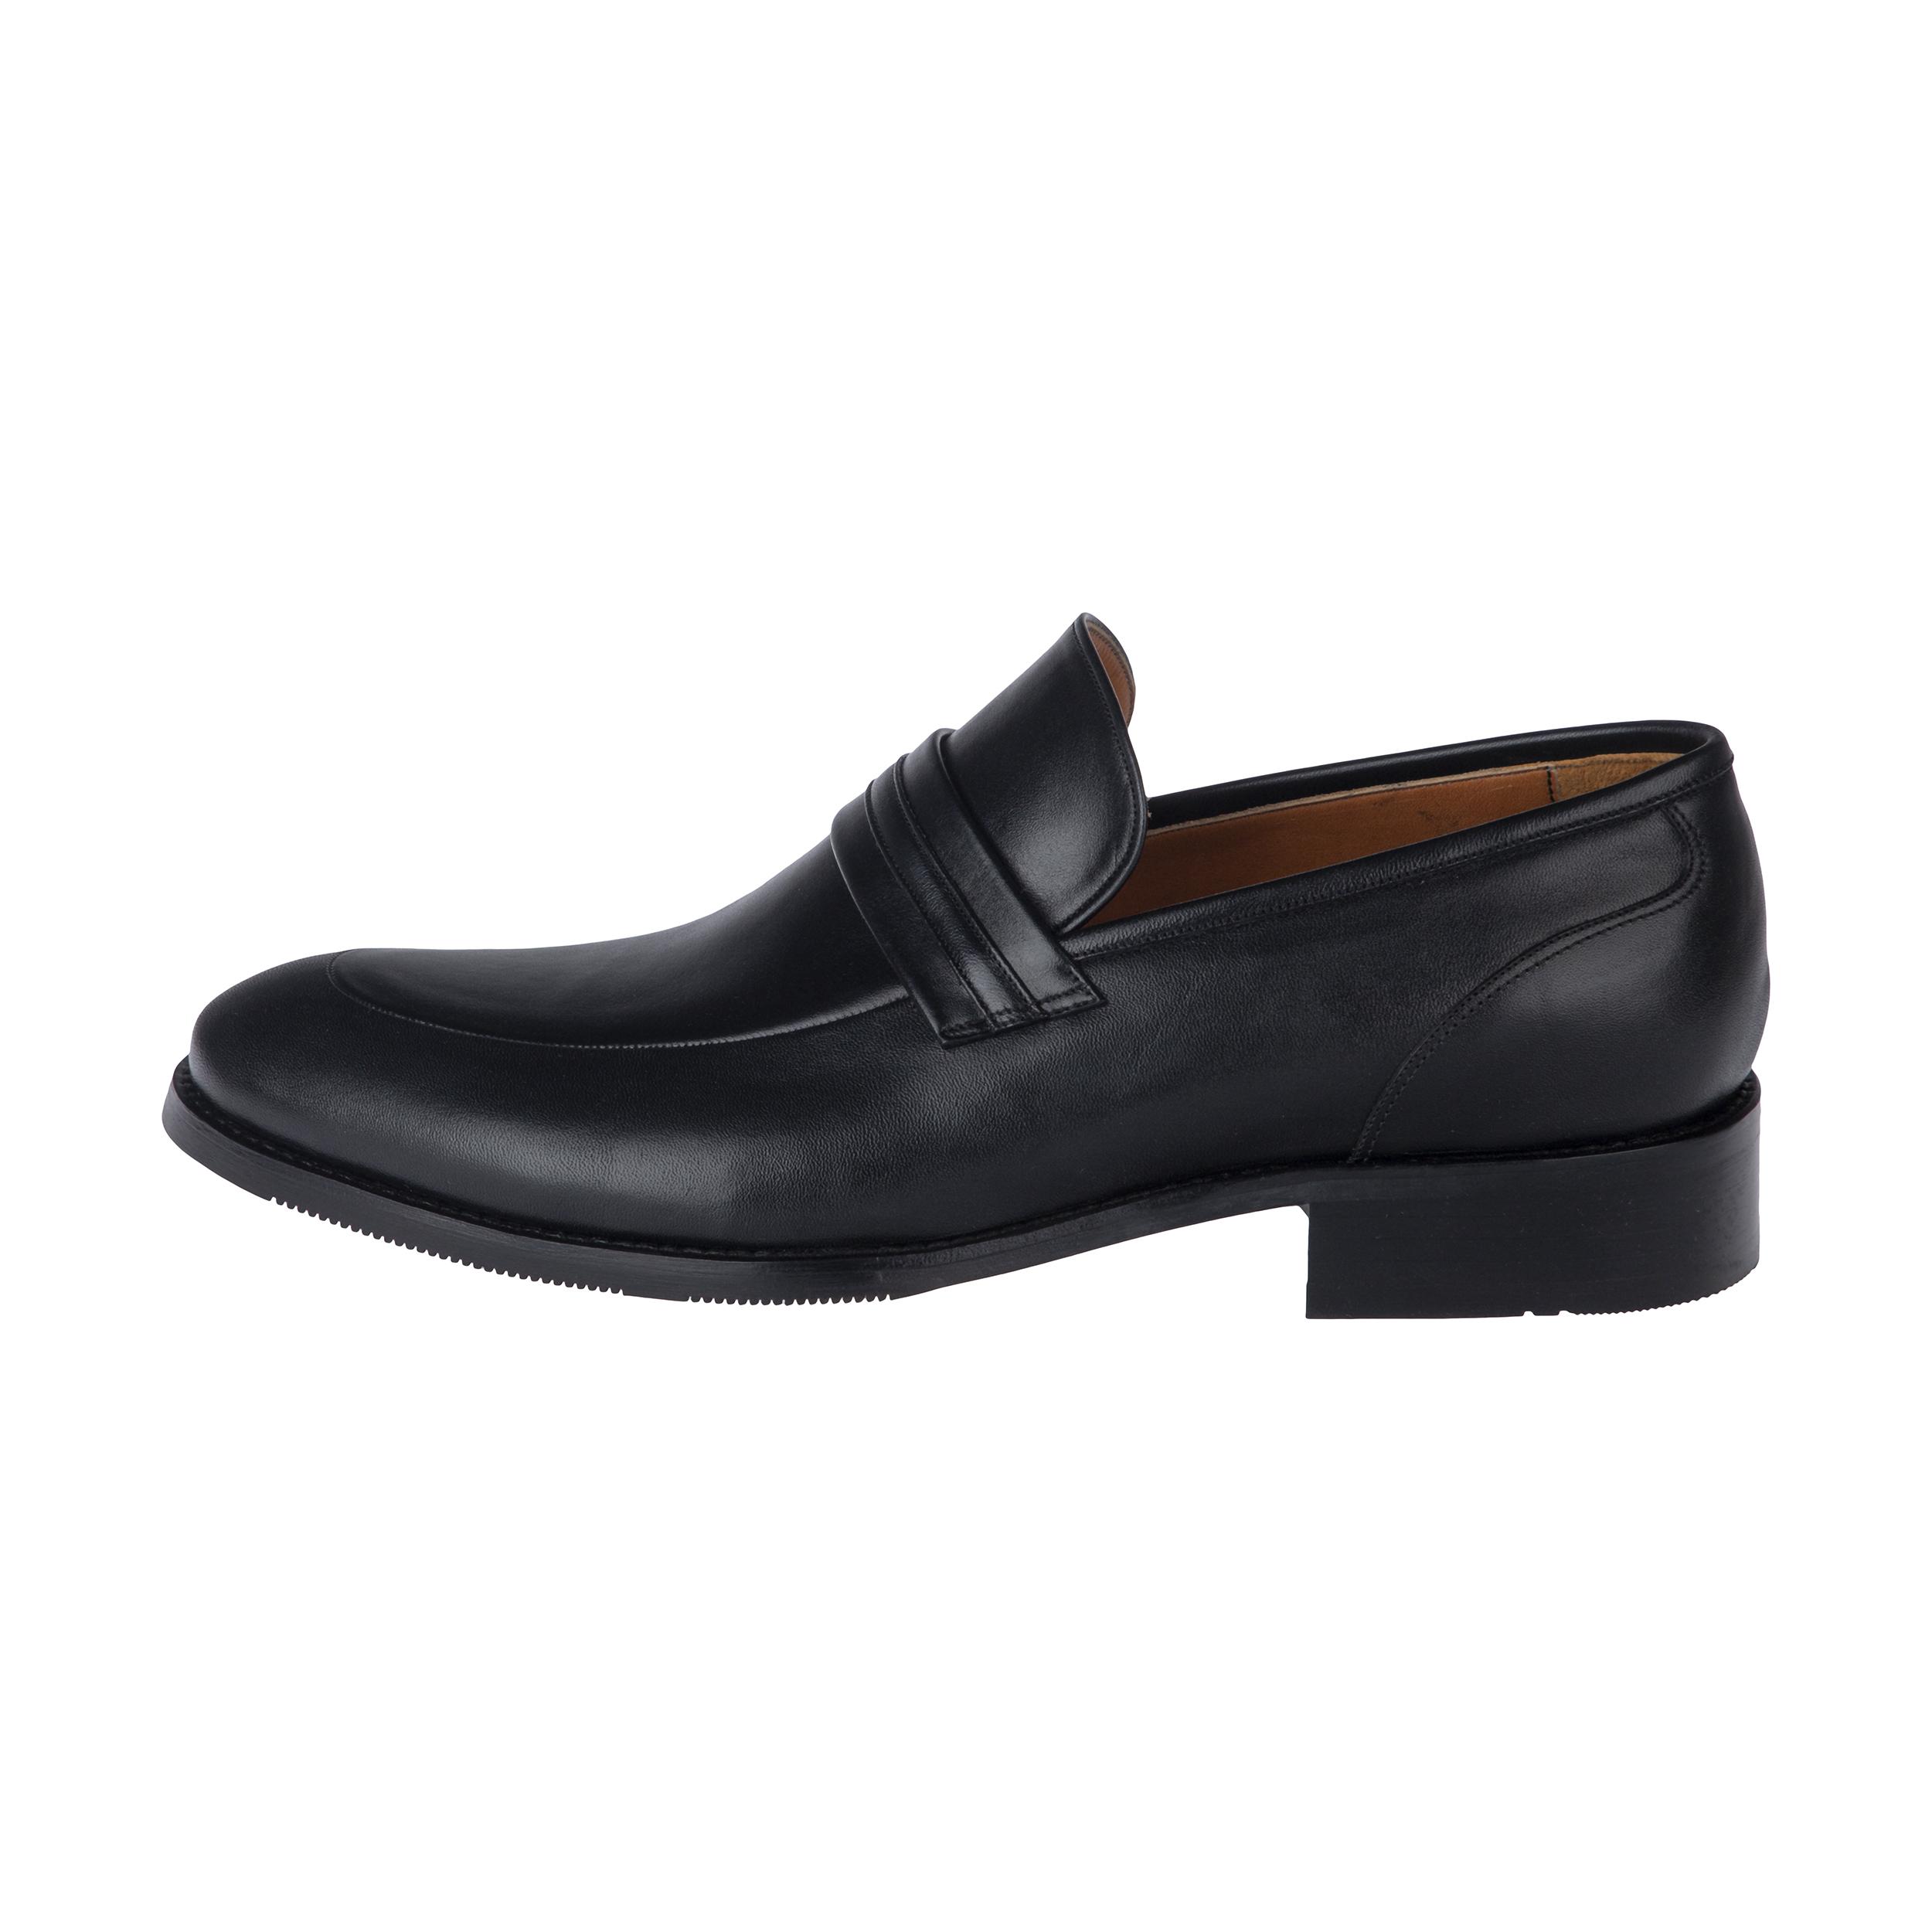 کفش مردانه تد مدل M26             , خرید اینترنتی